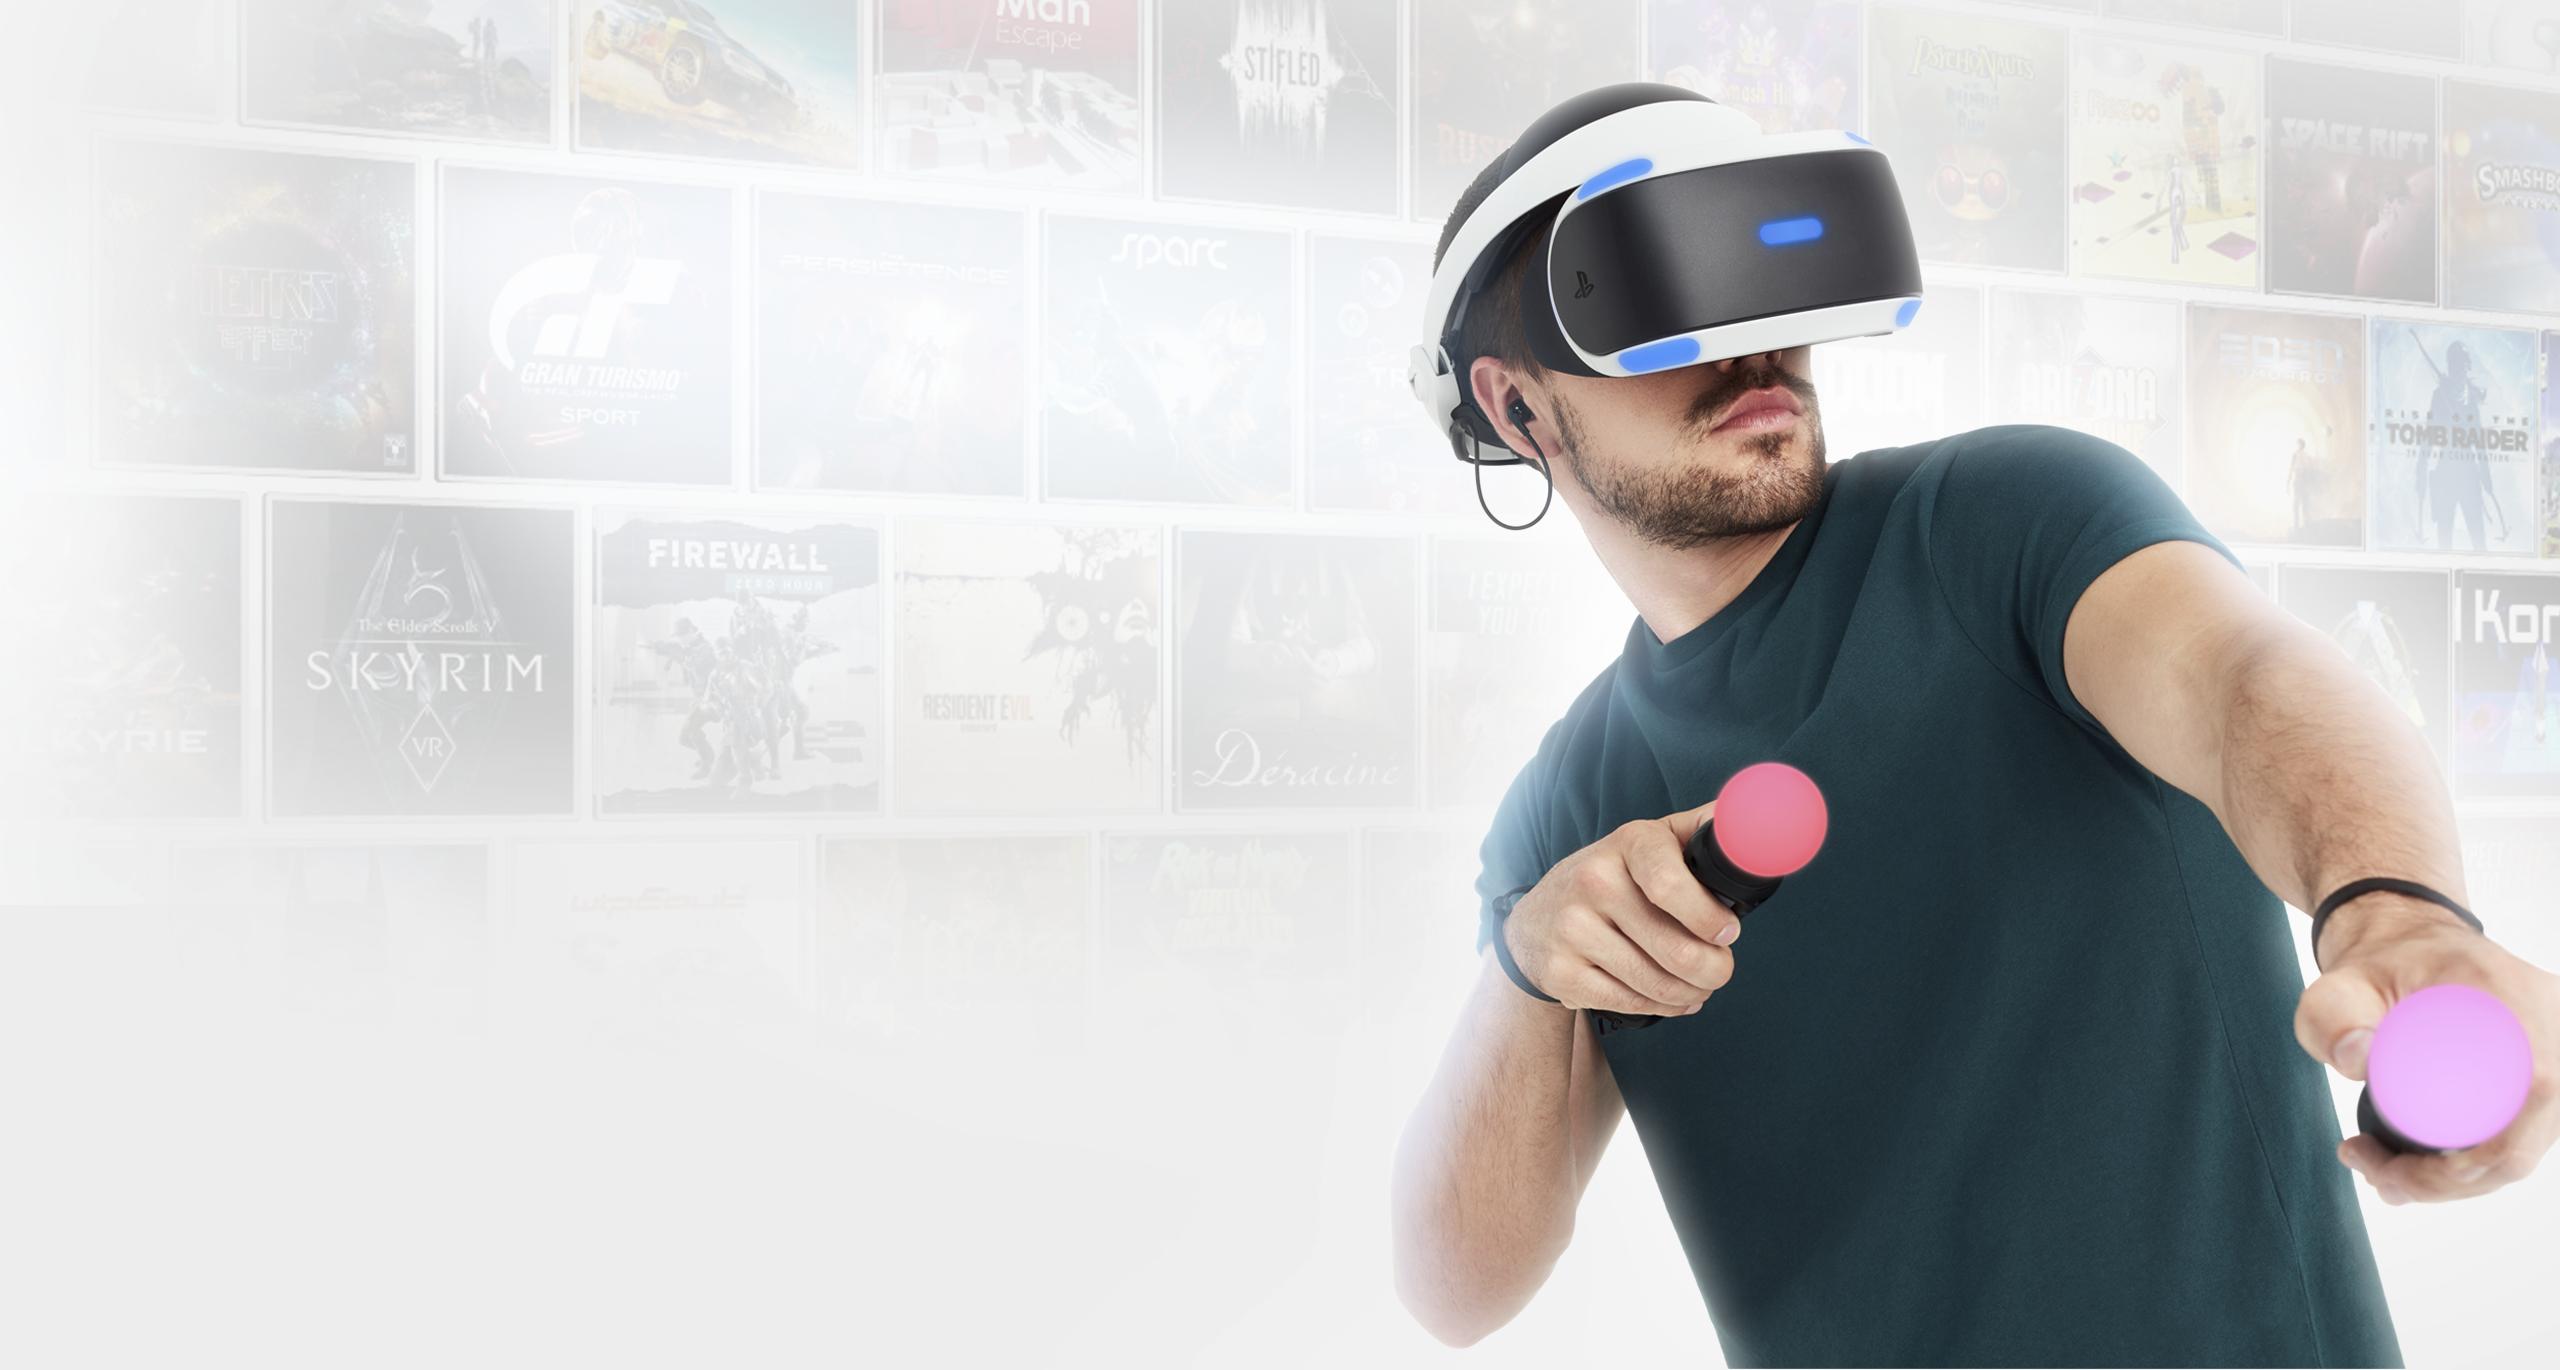 Важный аксессуар для PlayStation 5 придётся подождать. Гарнитура PS VR 2 выйдет в конце 2022 года